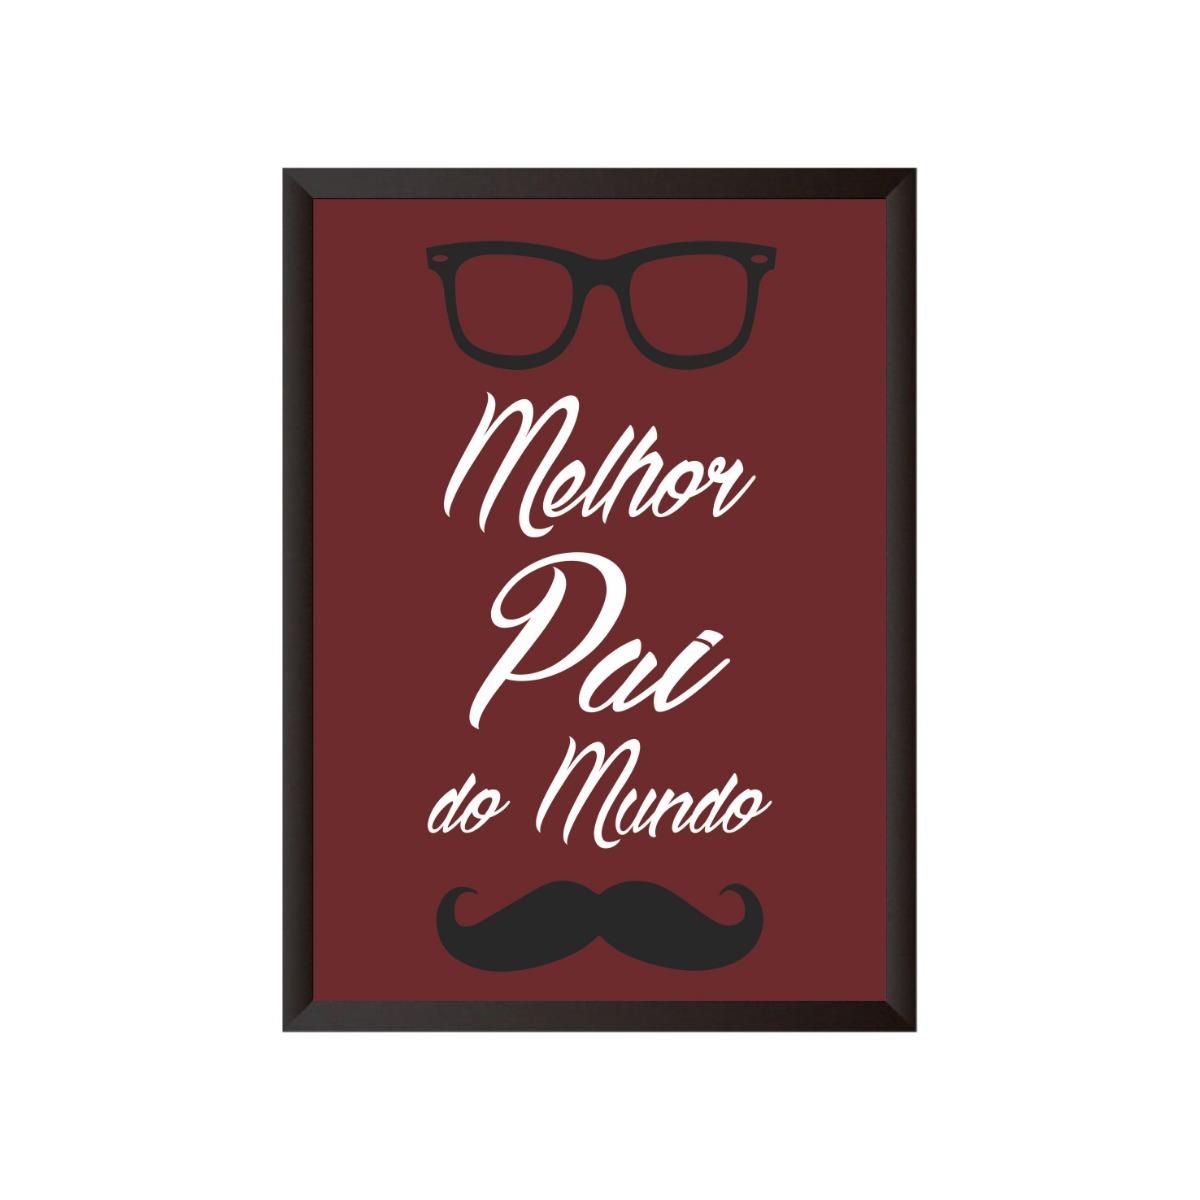 Quadro Frases Melhor Pai Do Mundo R 3990 Em Mercado Livre